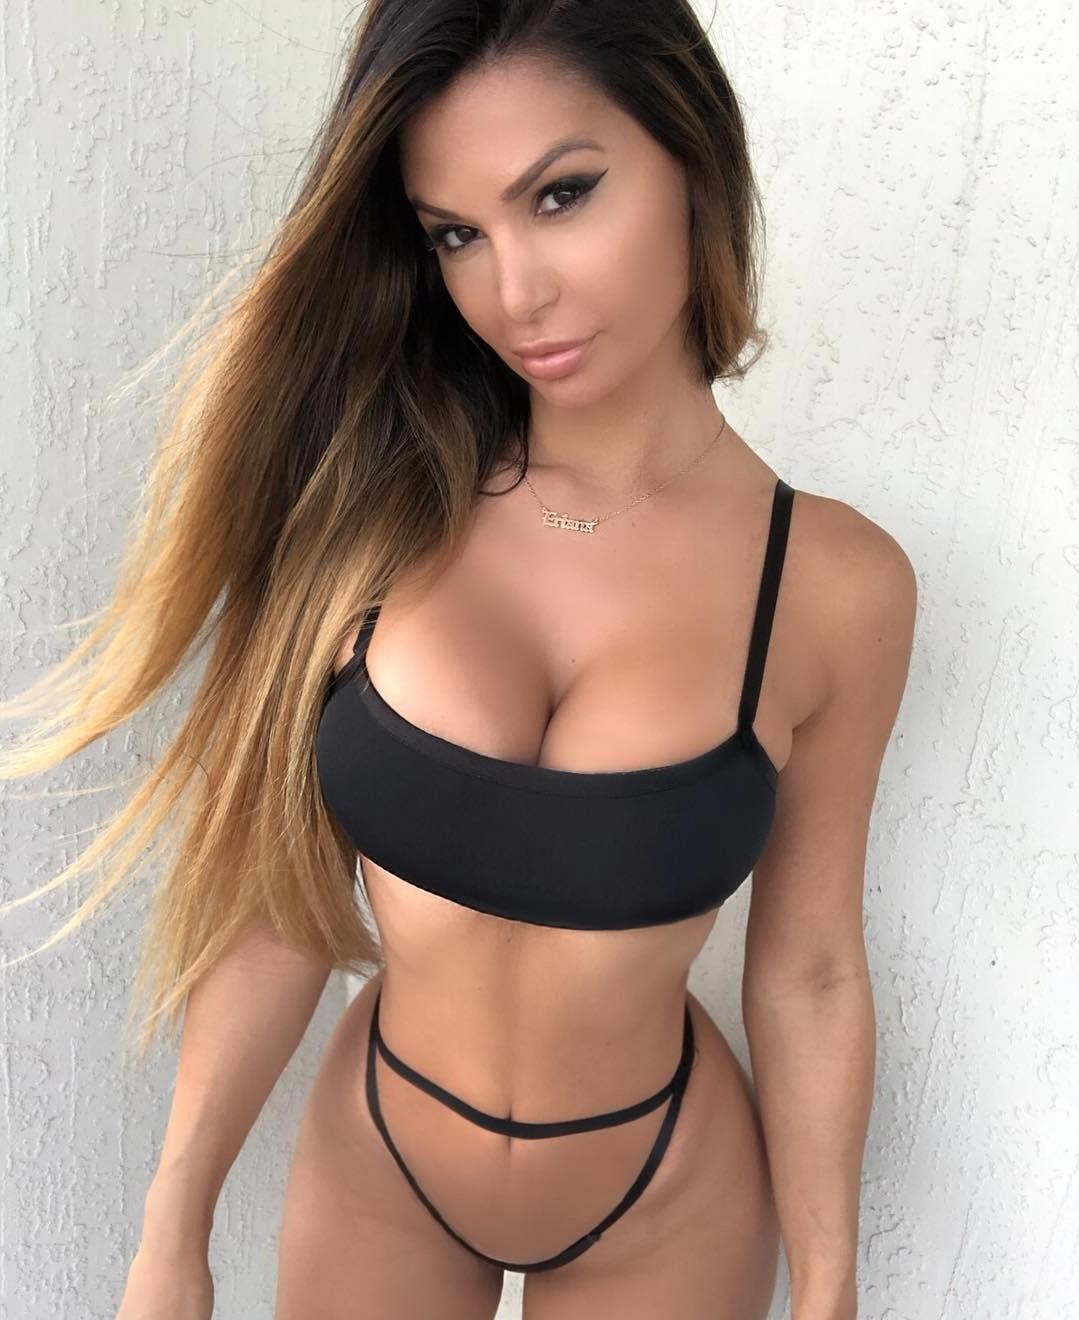 Sex cam website